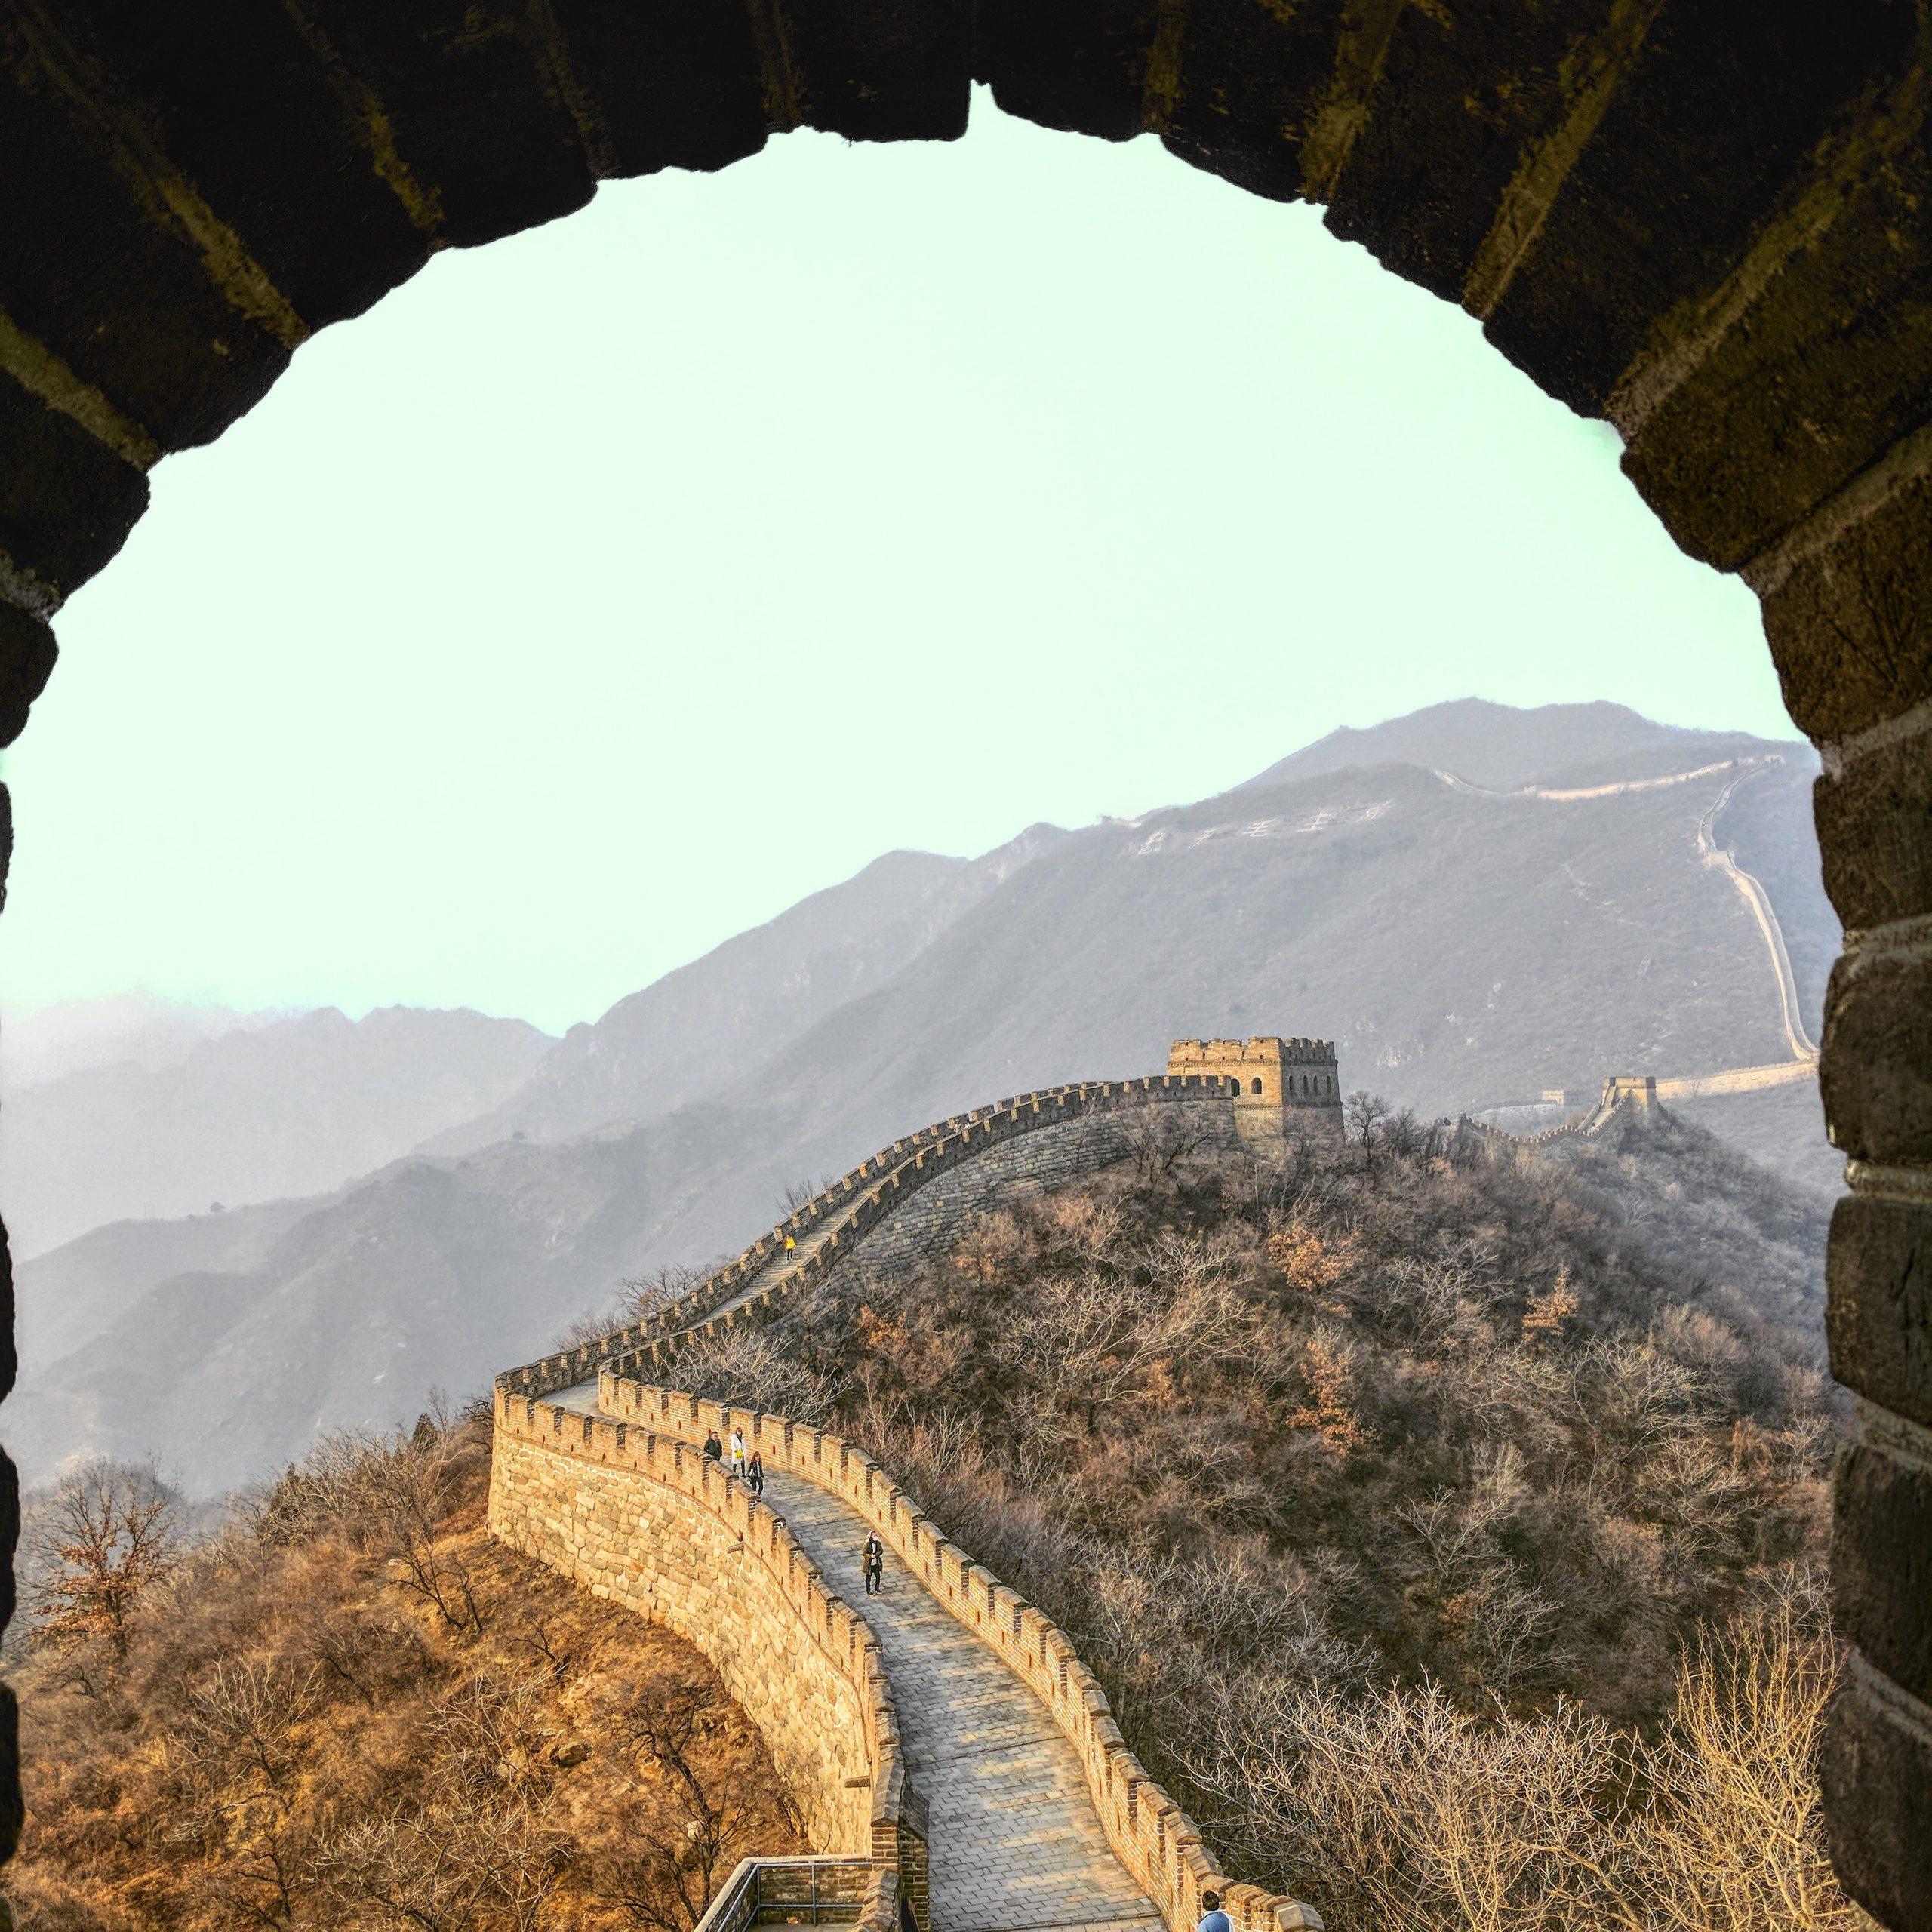 Beijing Mutianyu Great Wall scaled viajes a medida y viajes de novios